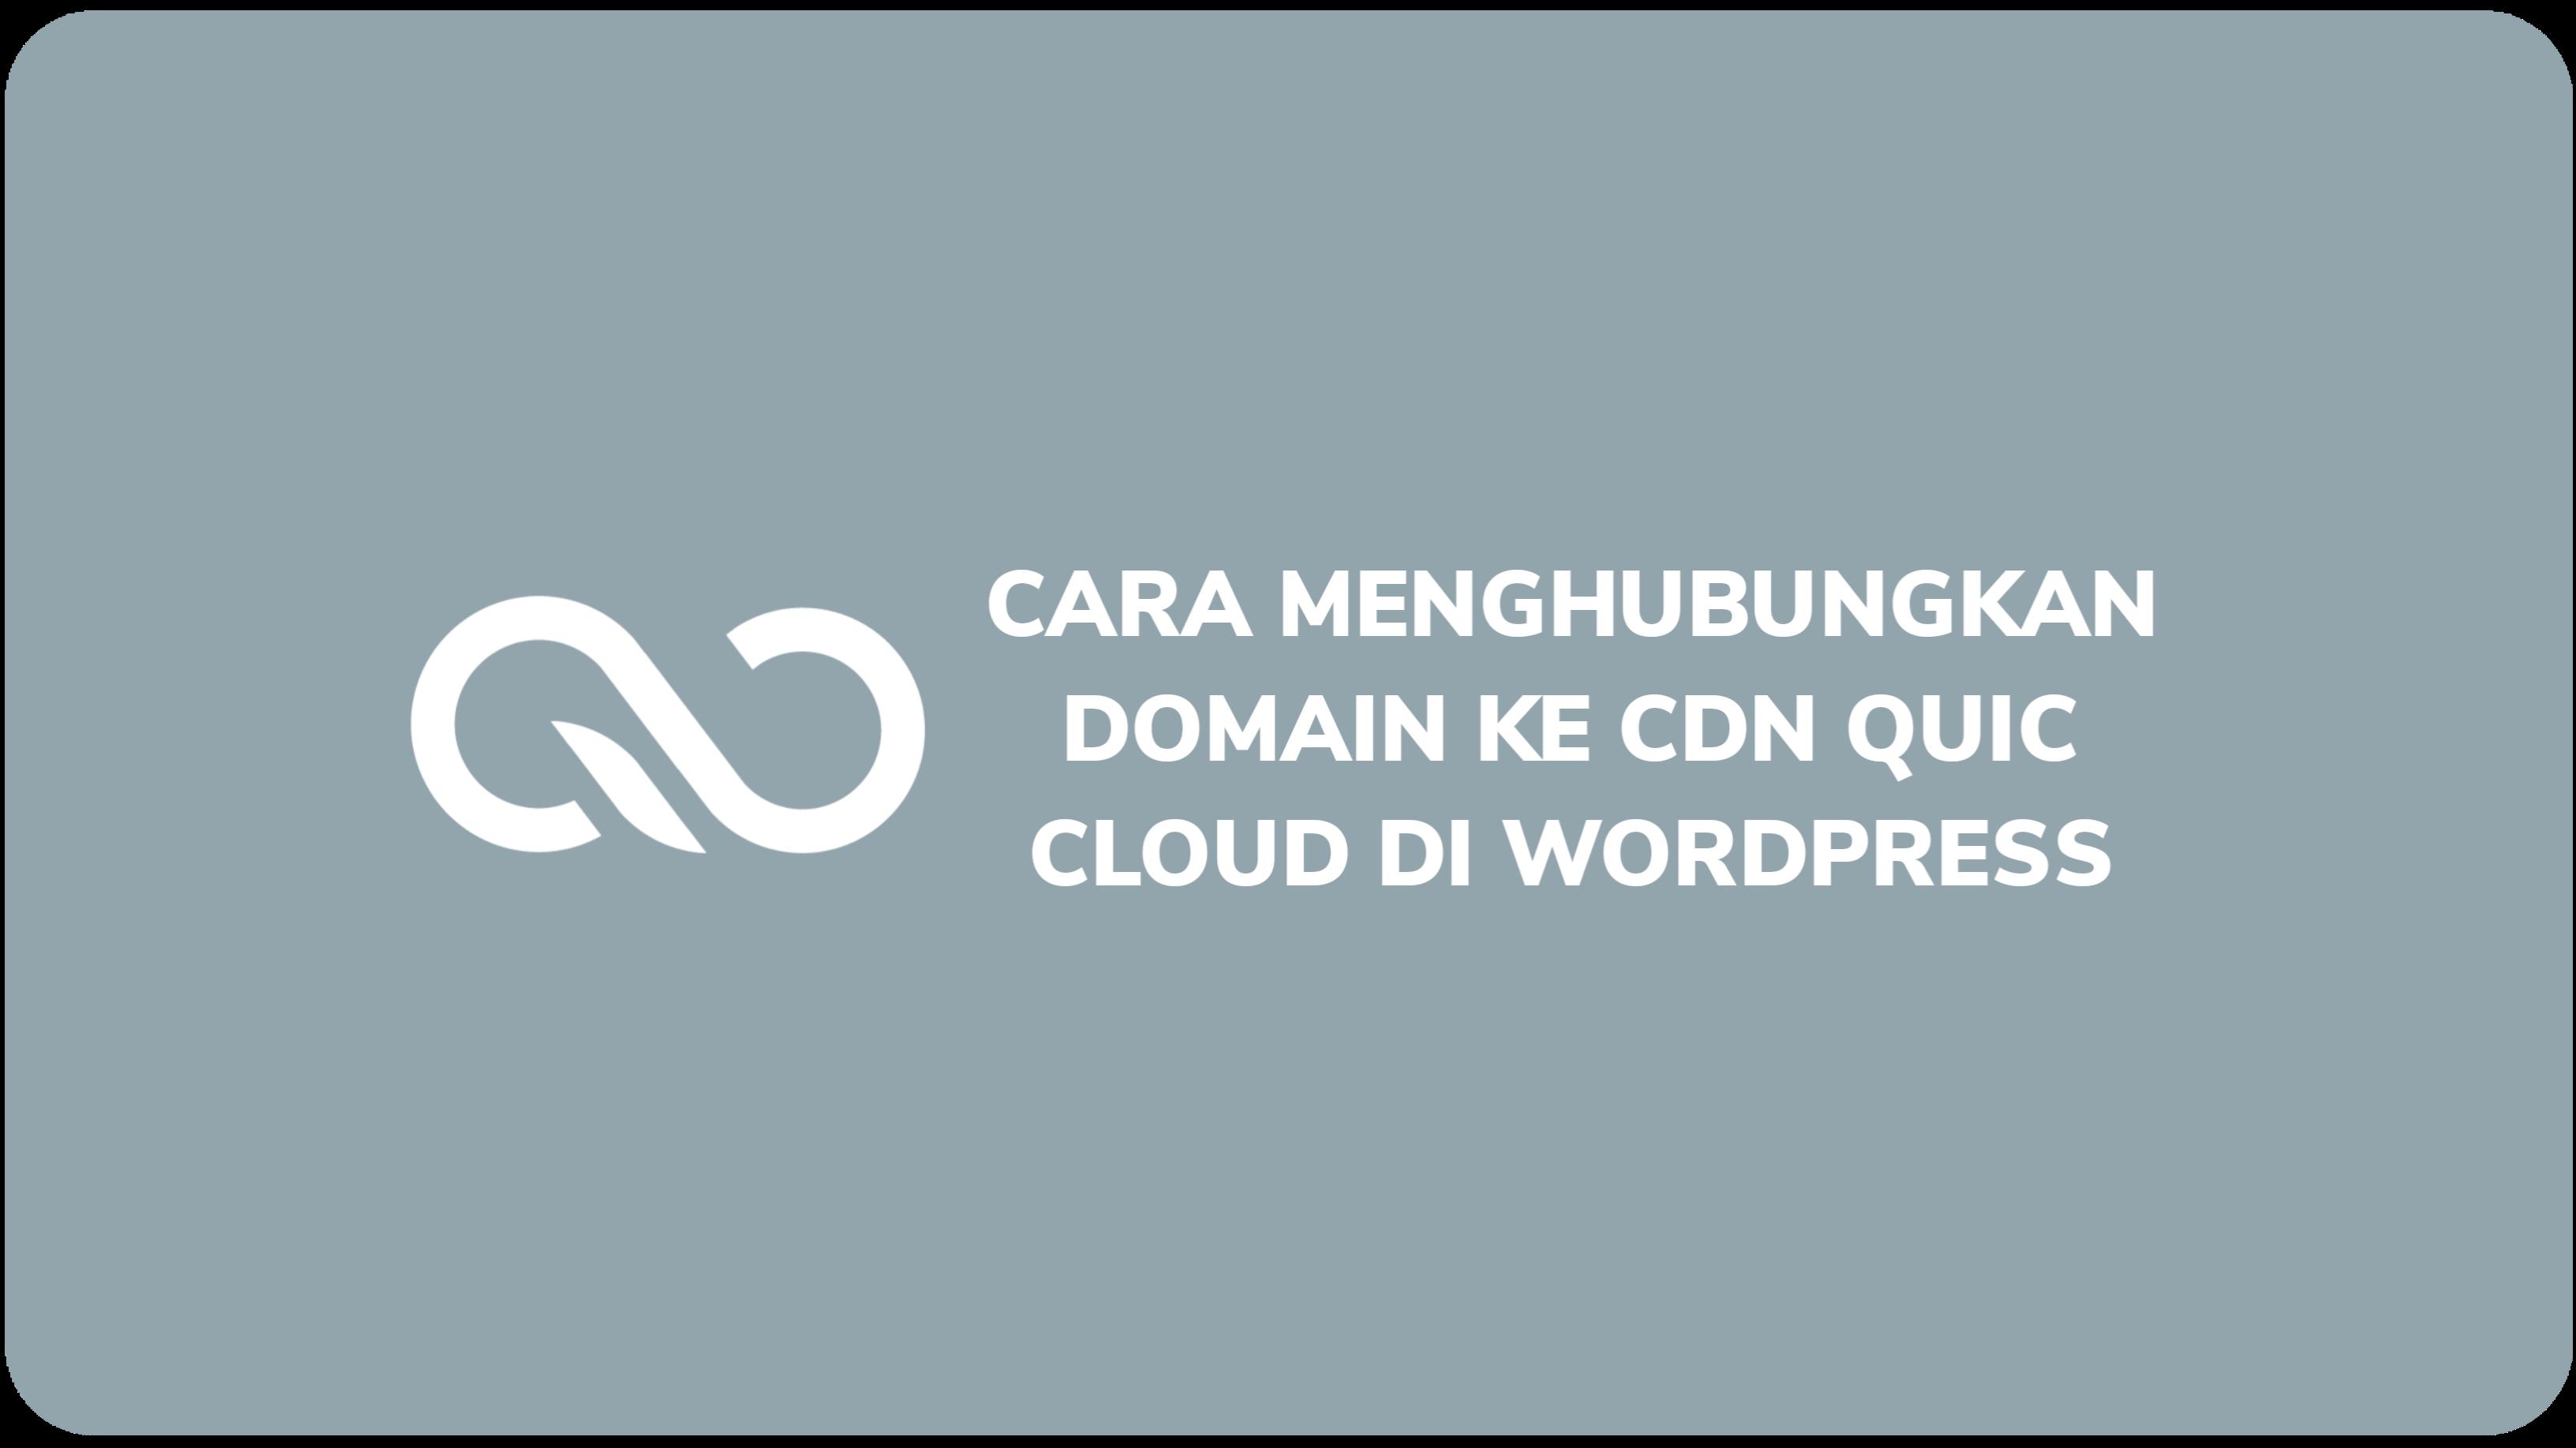 Cara Menghubungkan Domain Ke CDN QUIC Cloud Di WordPress